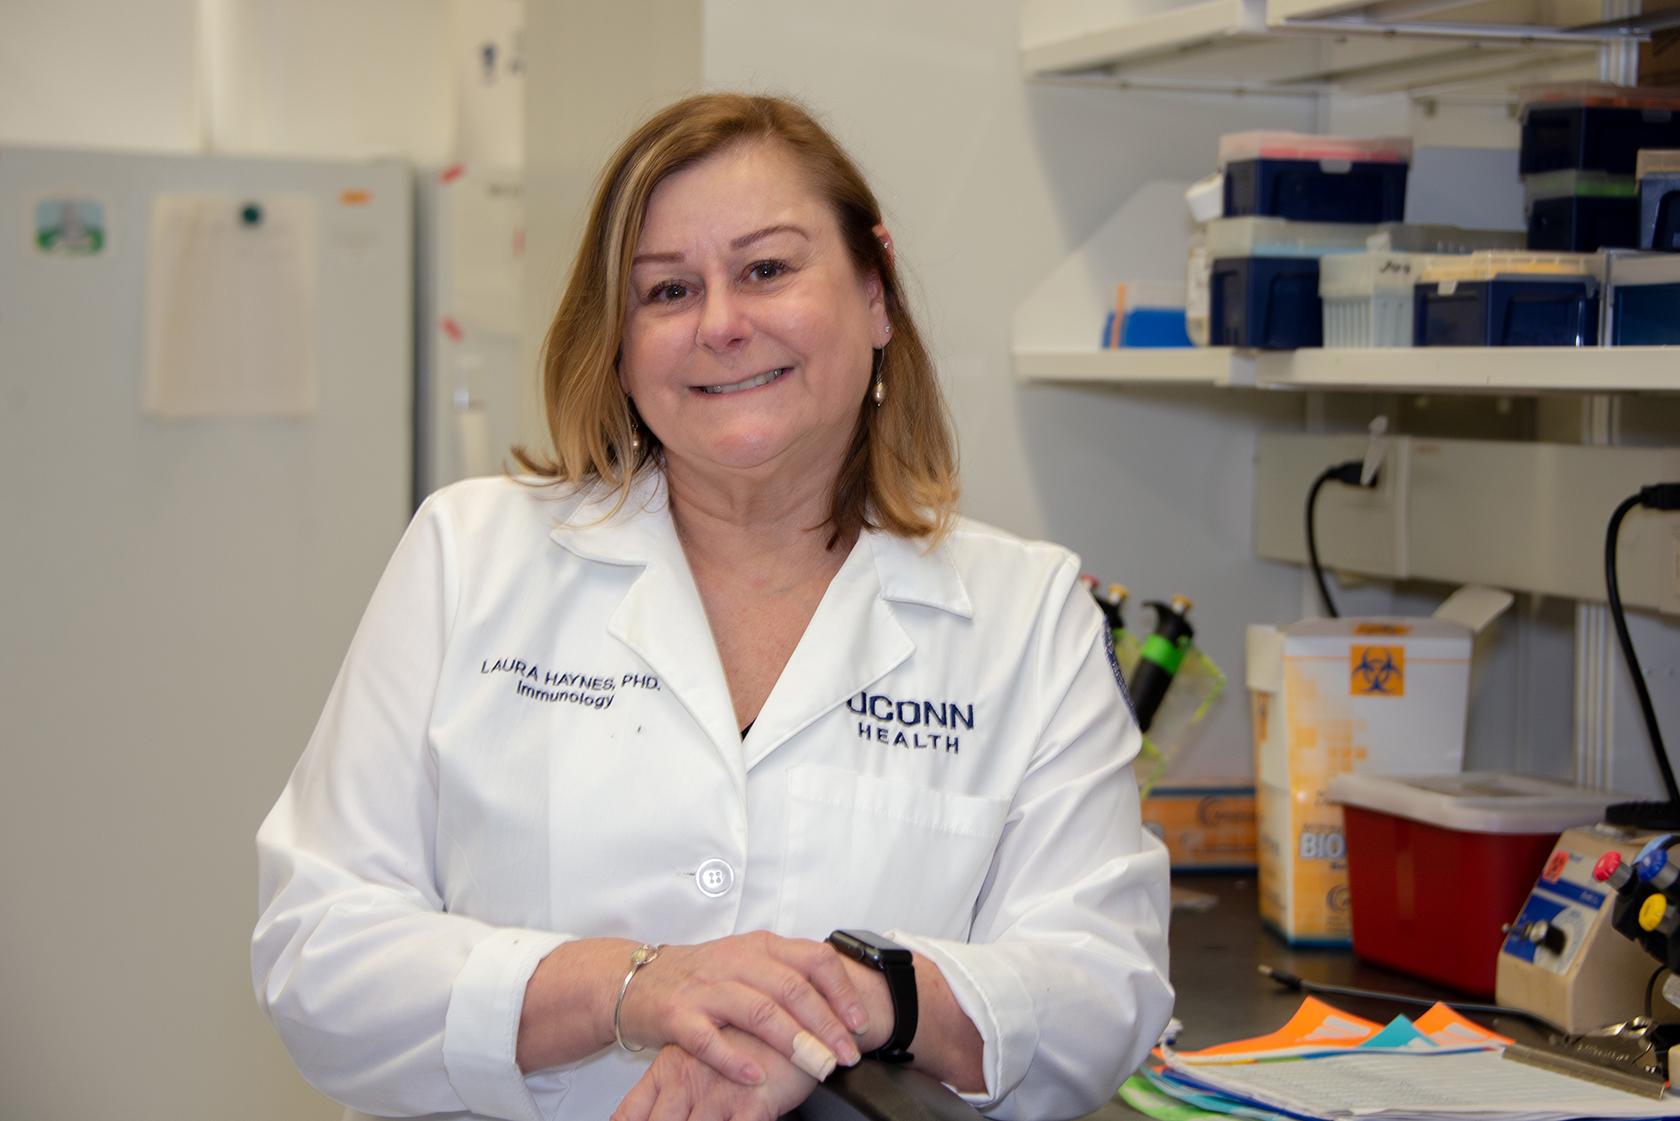 Laura Haynes, Ph.D., in her lab